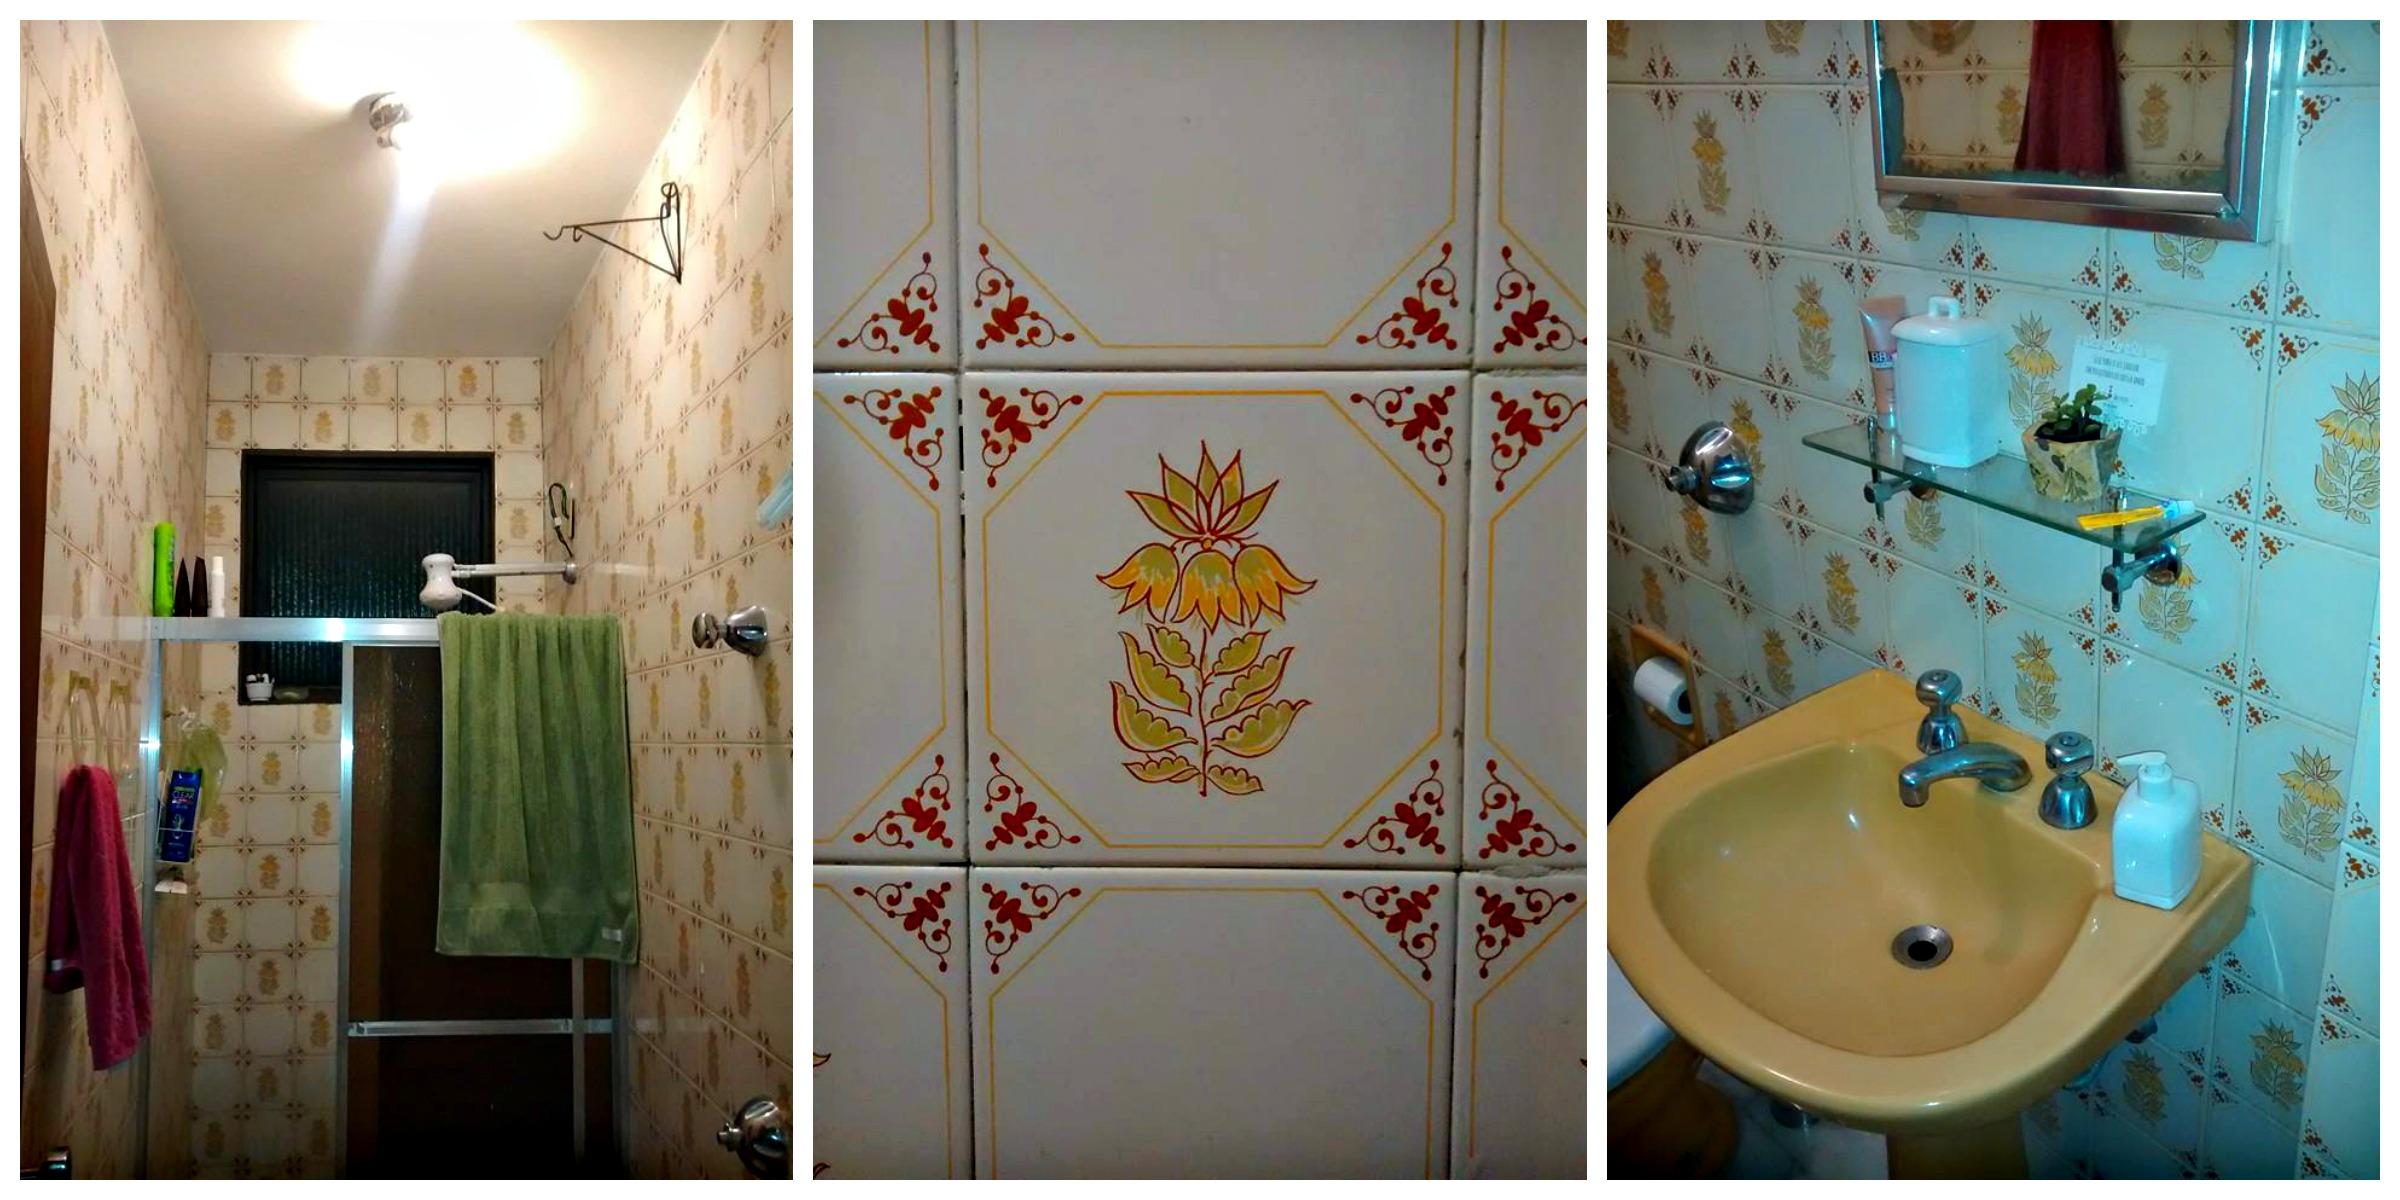 Pin Como Decorar Um Banheiro Sem Janelas on Pinterest #388893 2400x1200 Banheiro Antigo Como Decorar